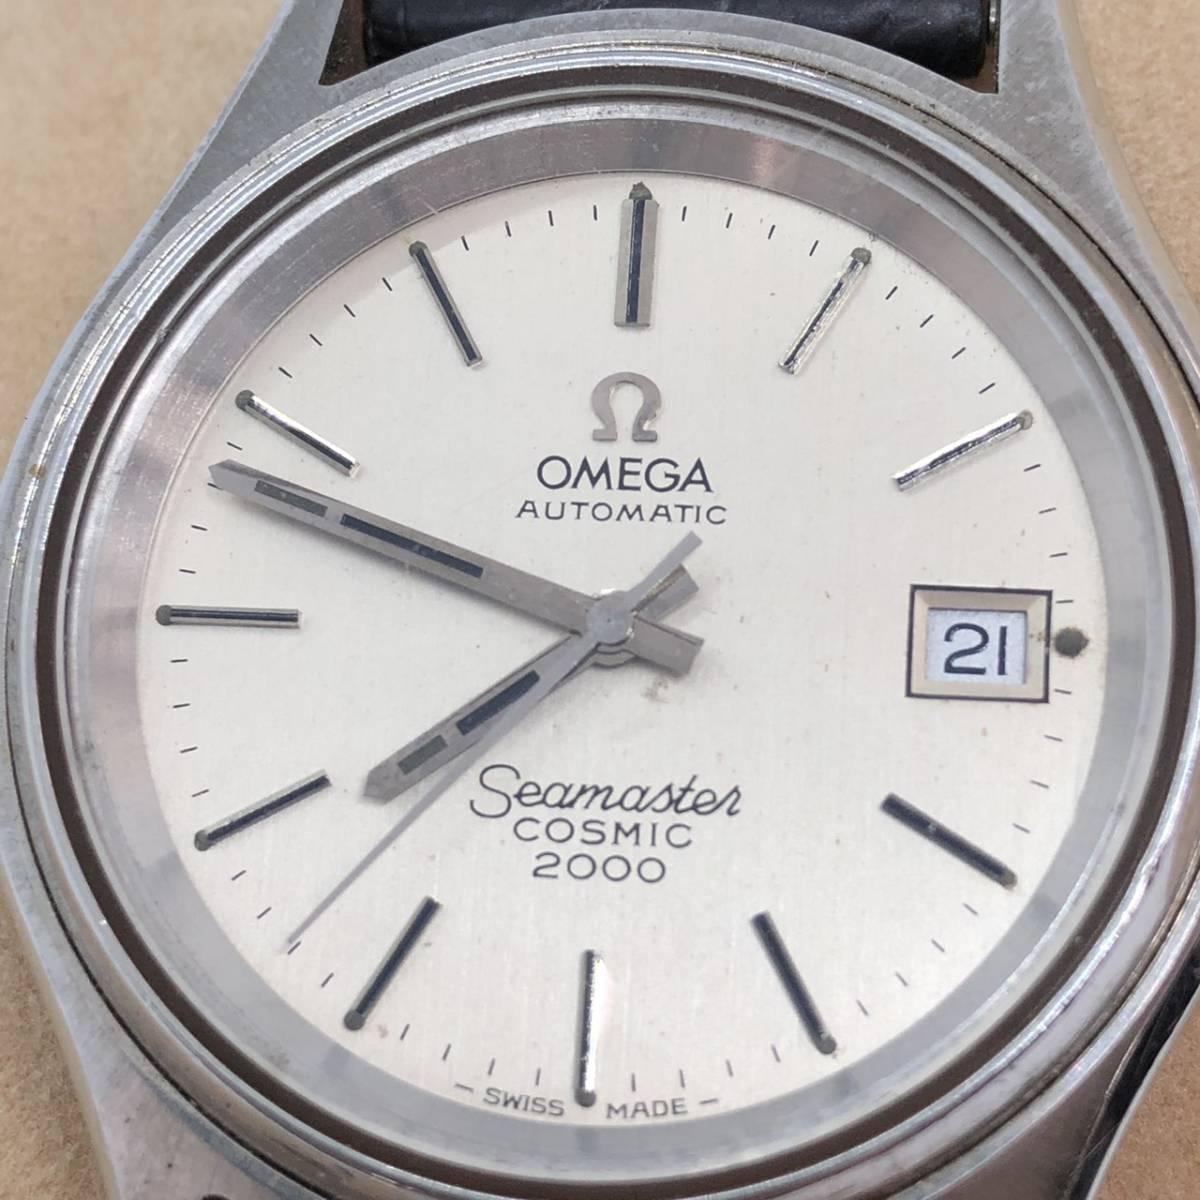 オメガ シーマスター コスミック 2000 OMEGA Sea Master COSMIC 2000 自動巻 デイト 腕時計_画像2